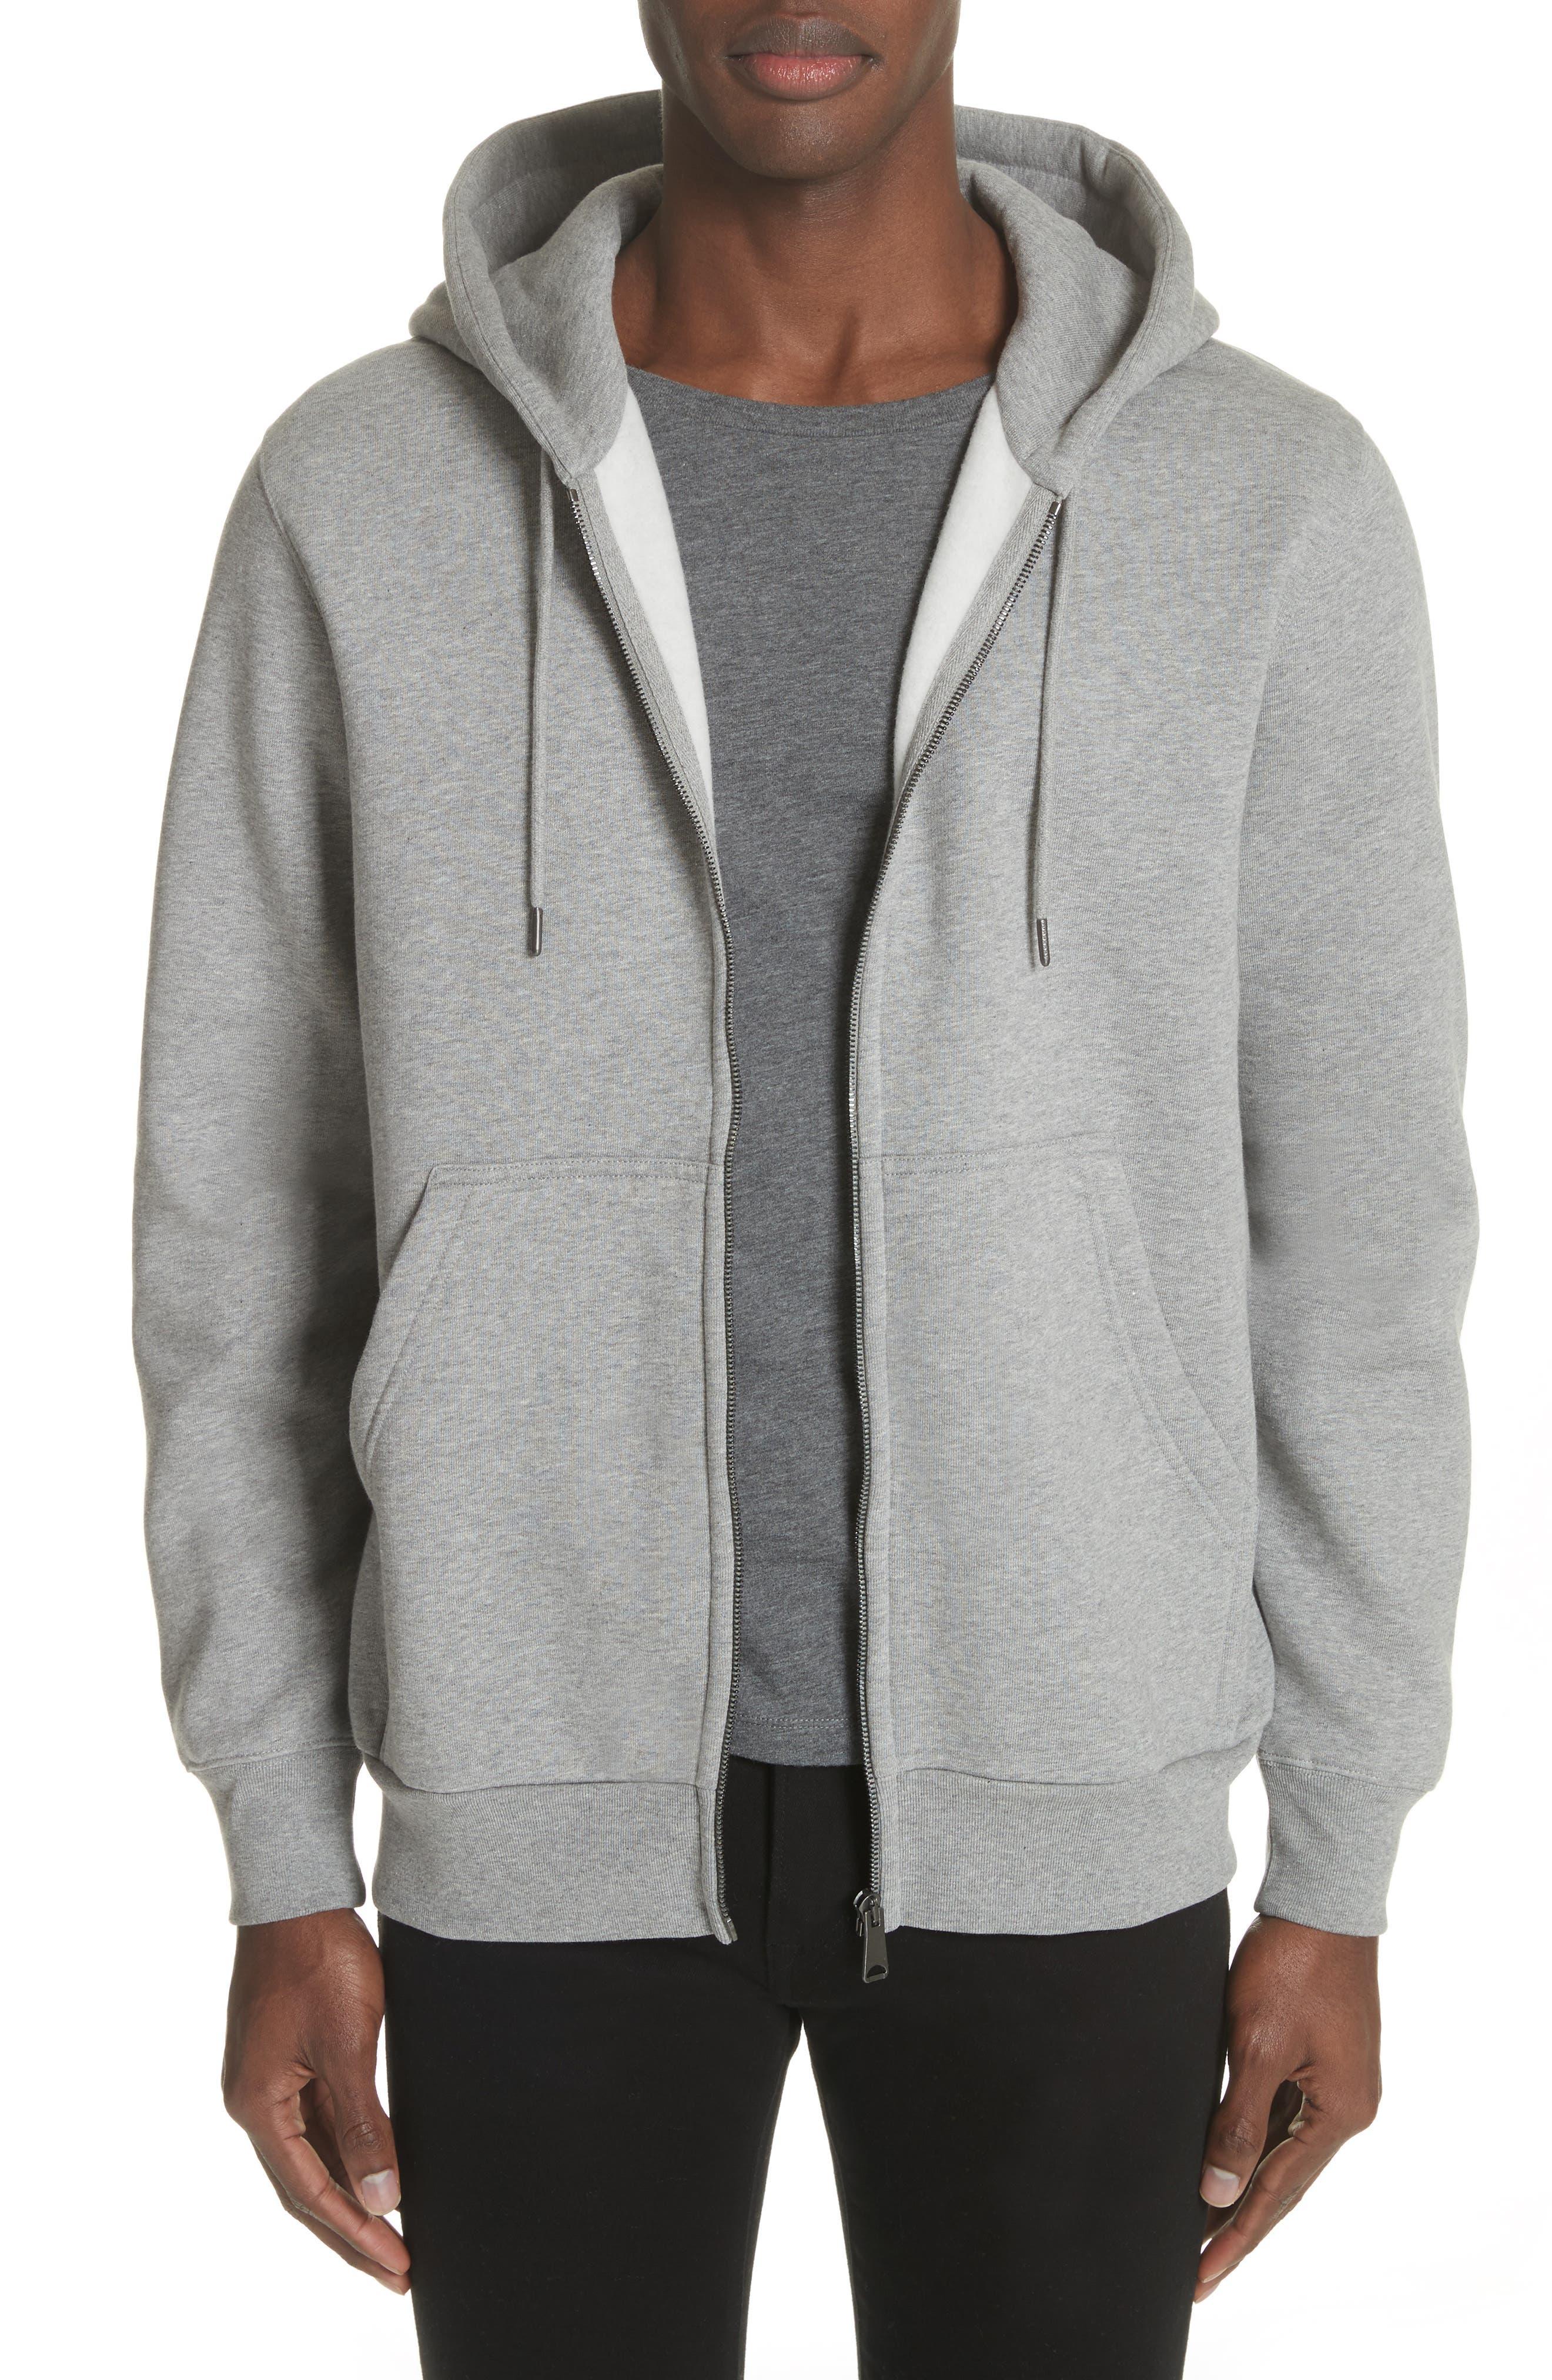 burberry hoodie grey